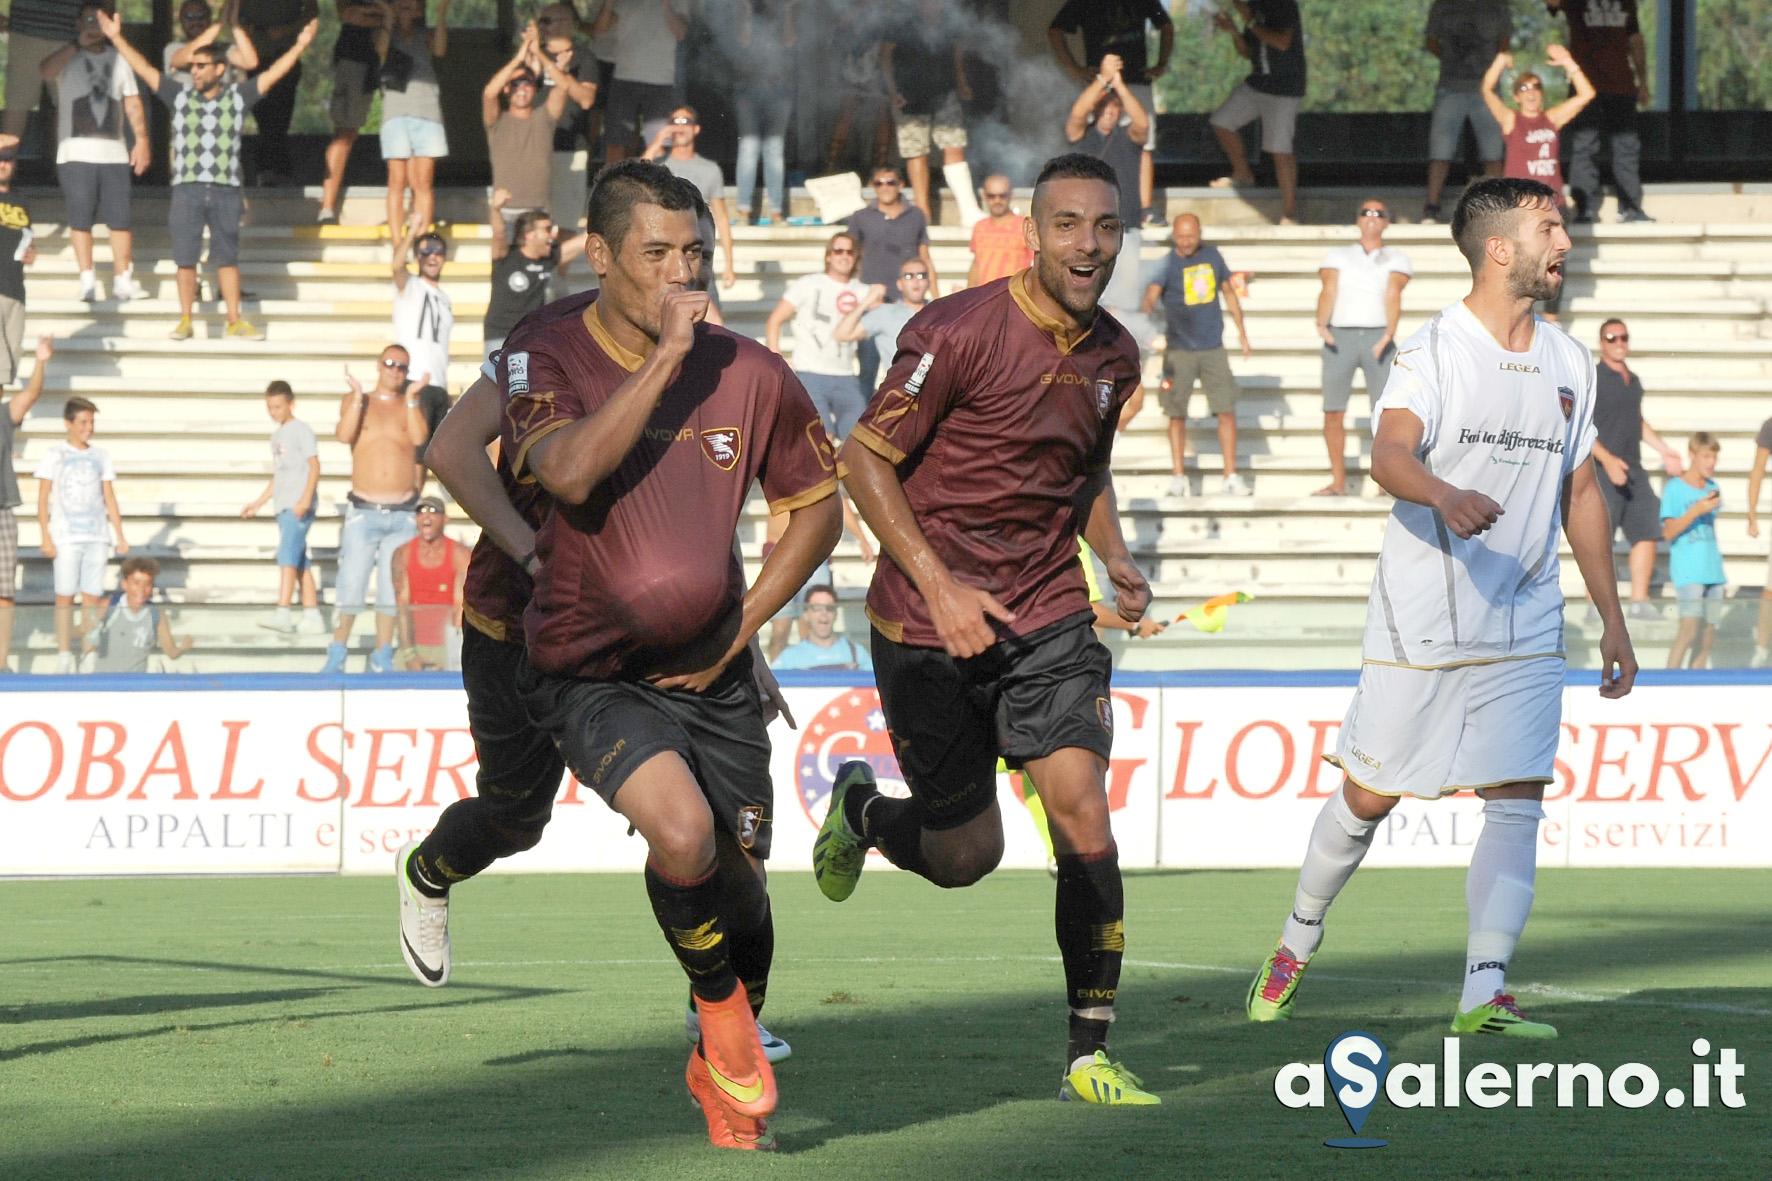 31-08-2014 Salernitana - Nuova Cosenza campionato lega pro 2014 2015